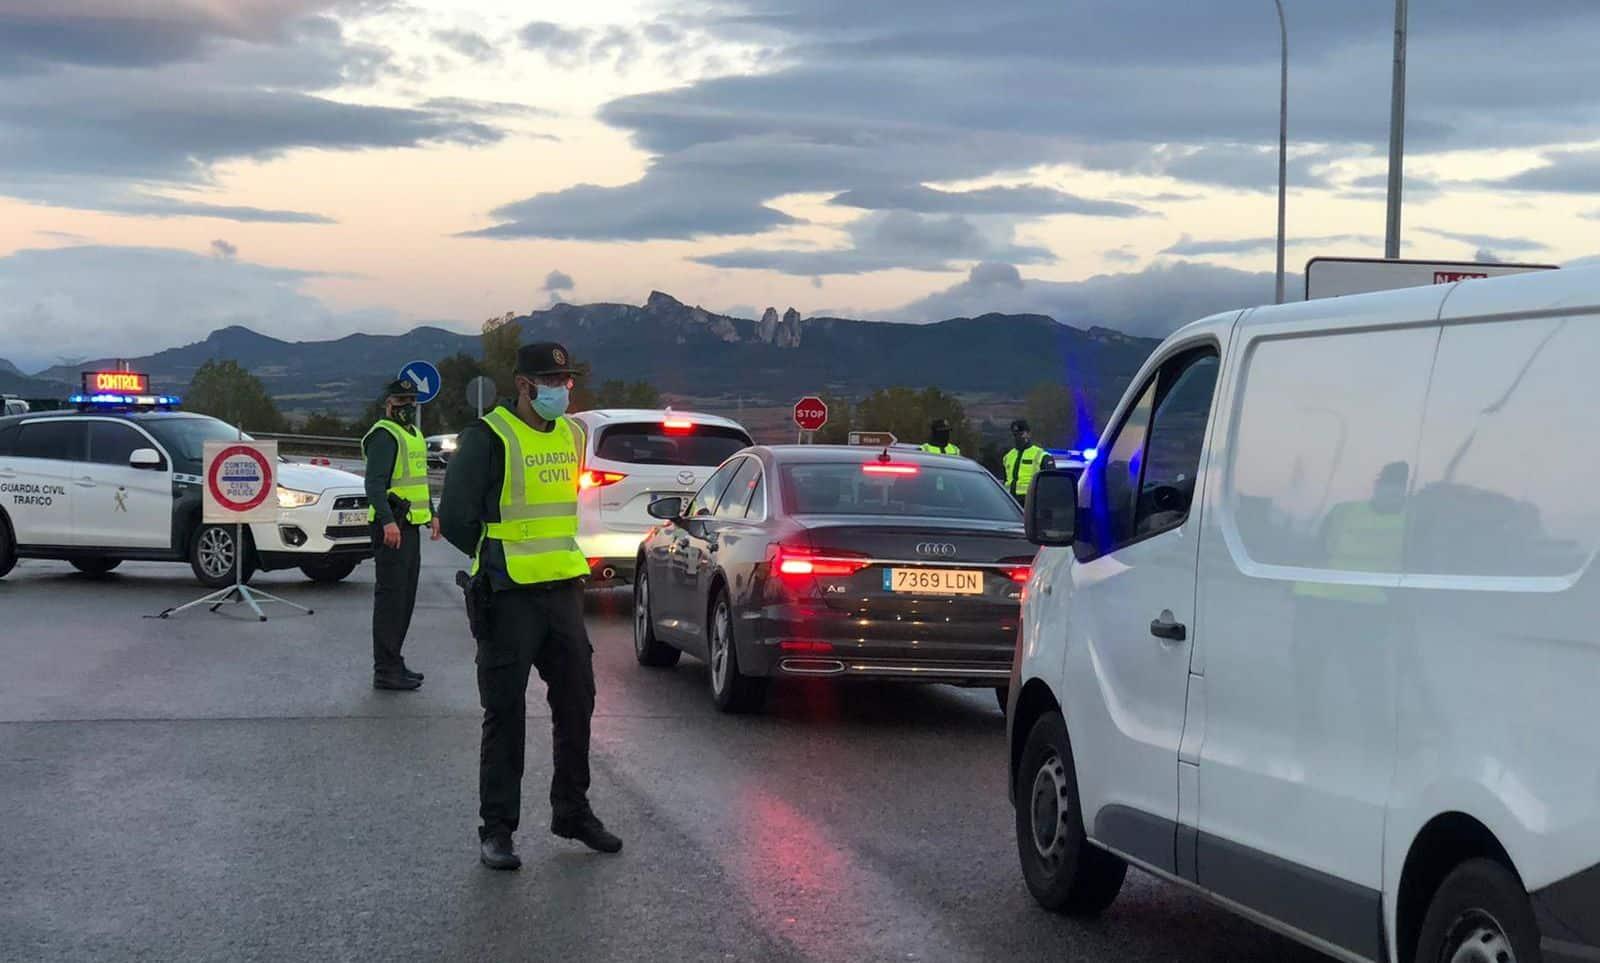 FOTOS: La Rioja vigila que se cumpla el confinamiento perimetral 8